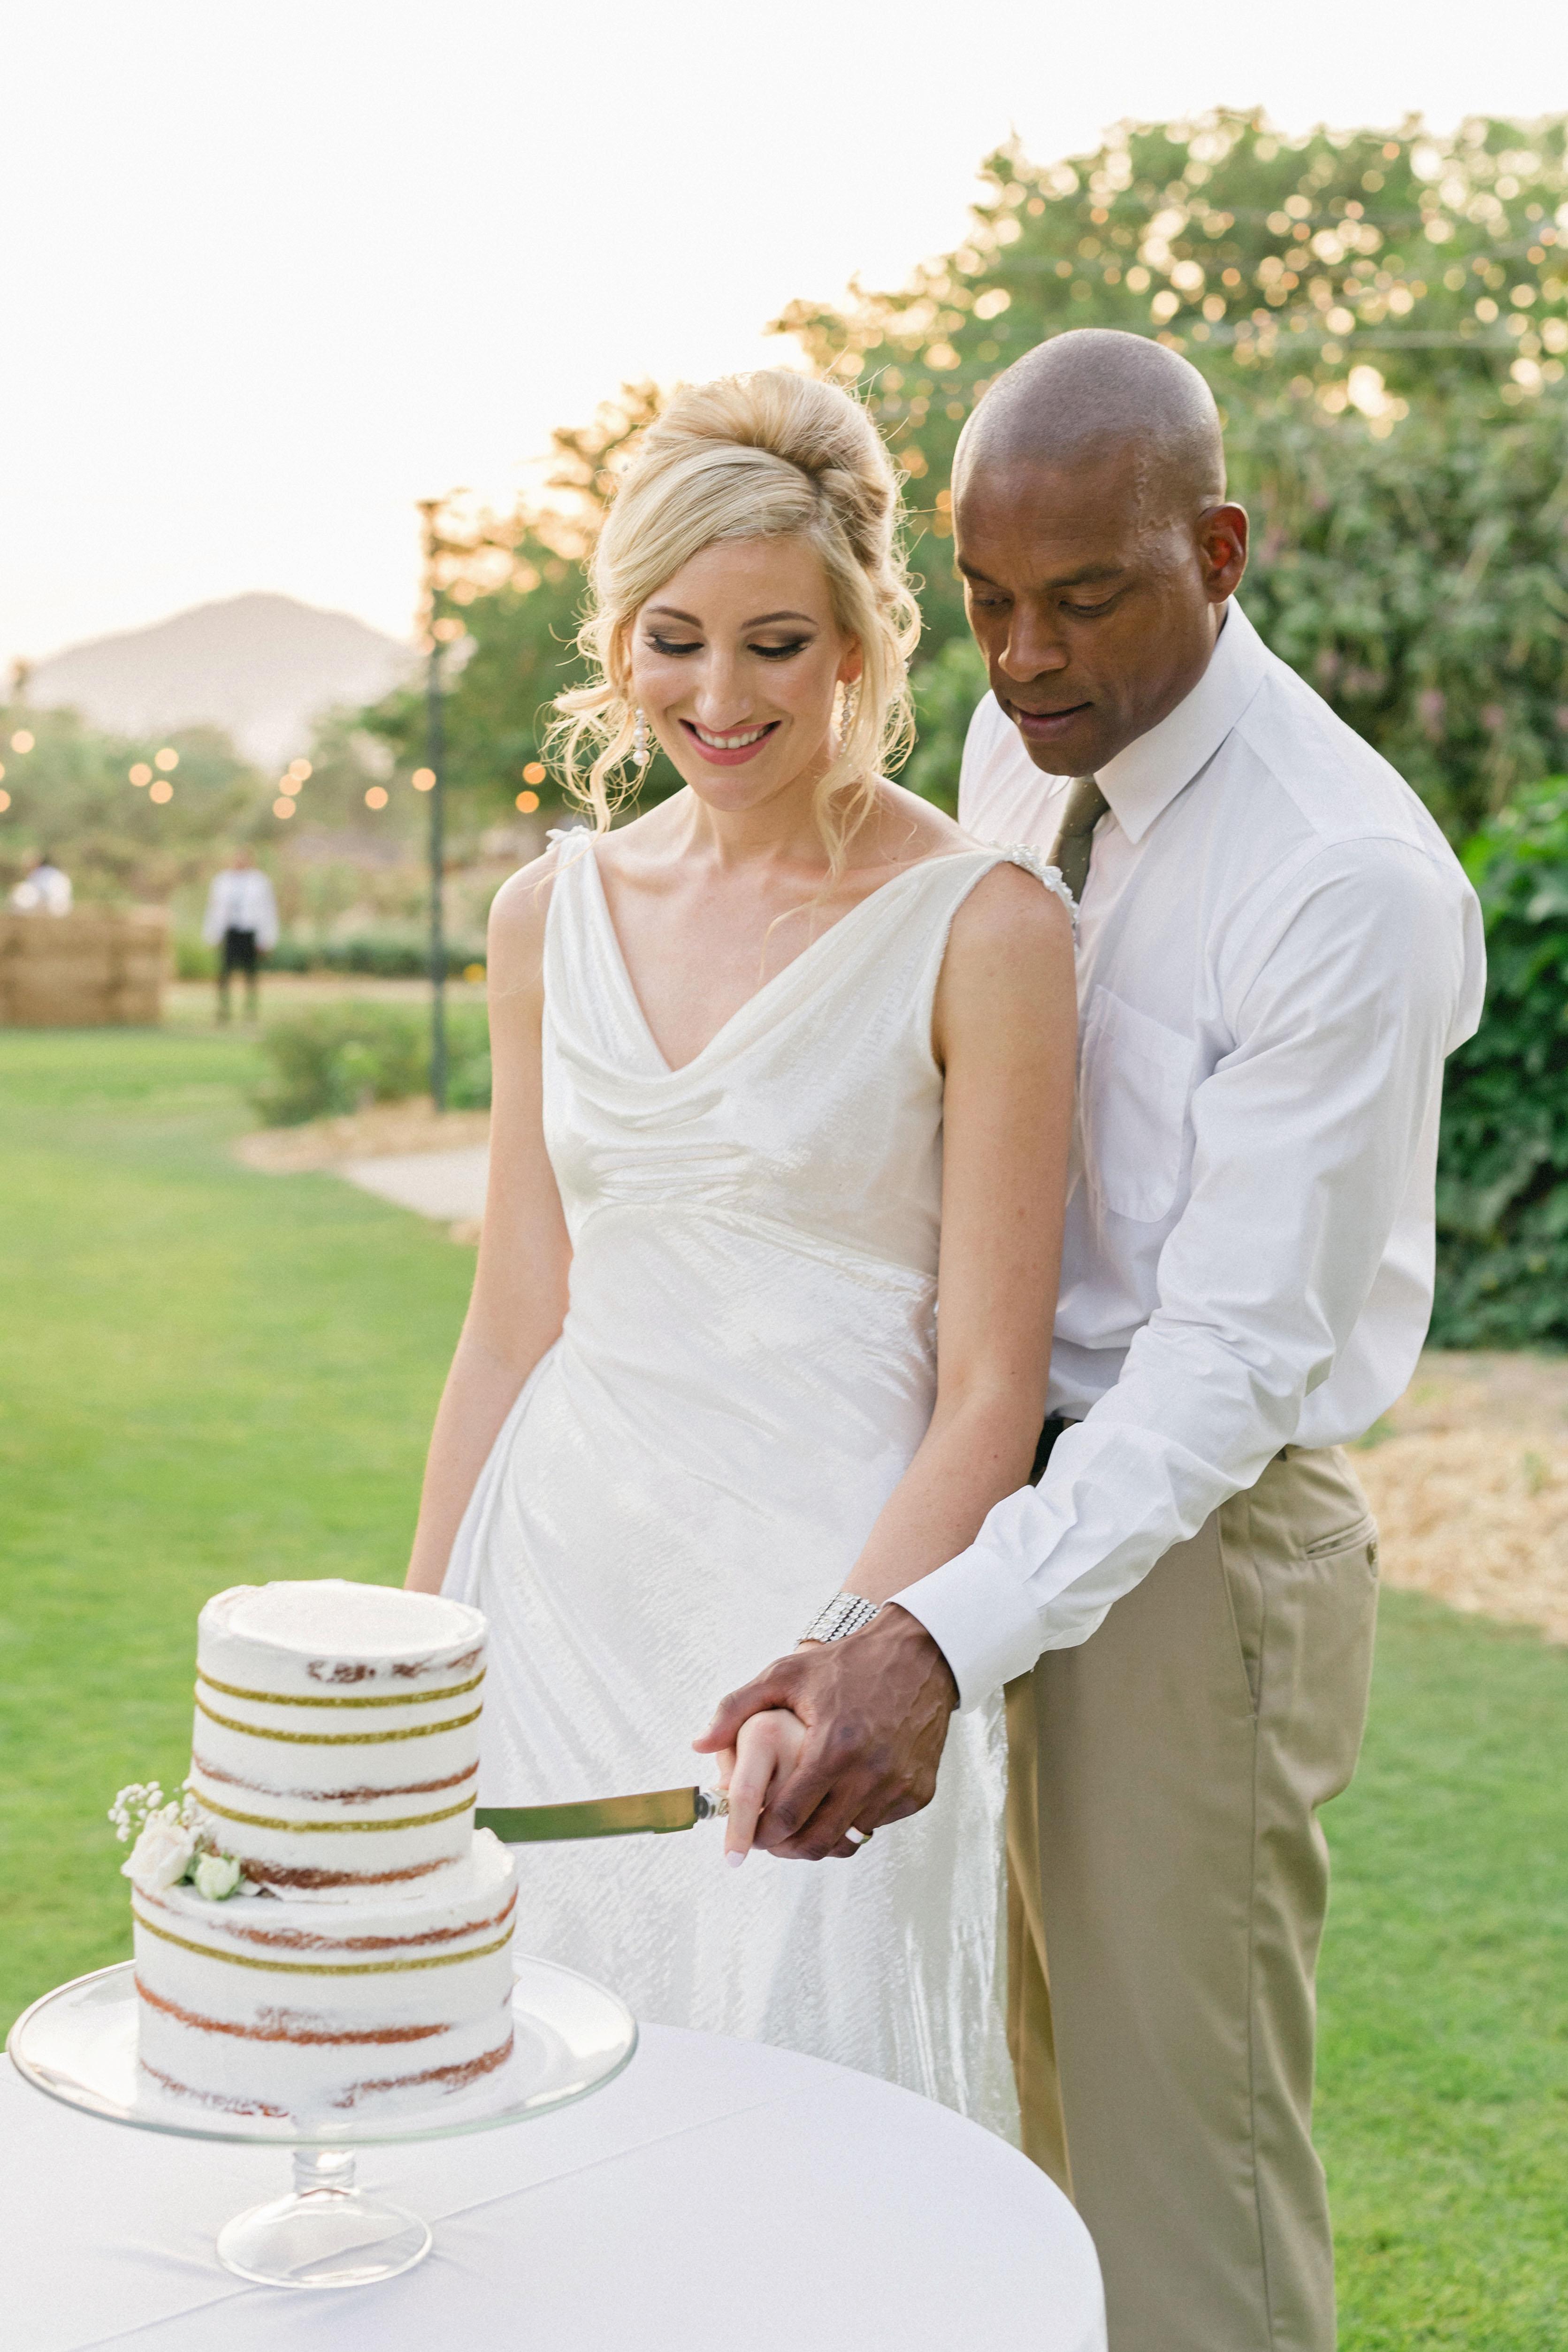 brittany craig wedding cake cutting